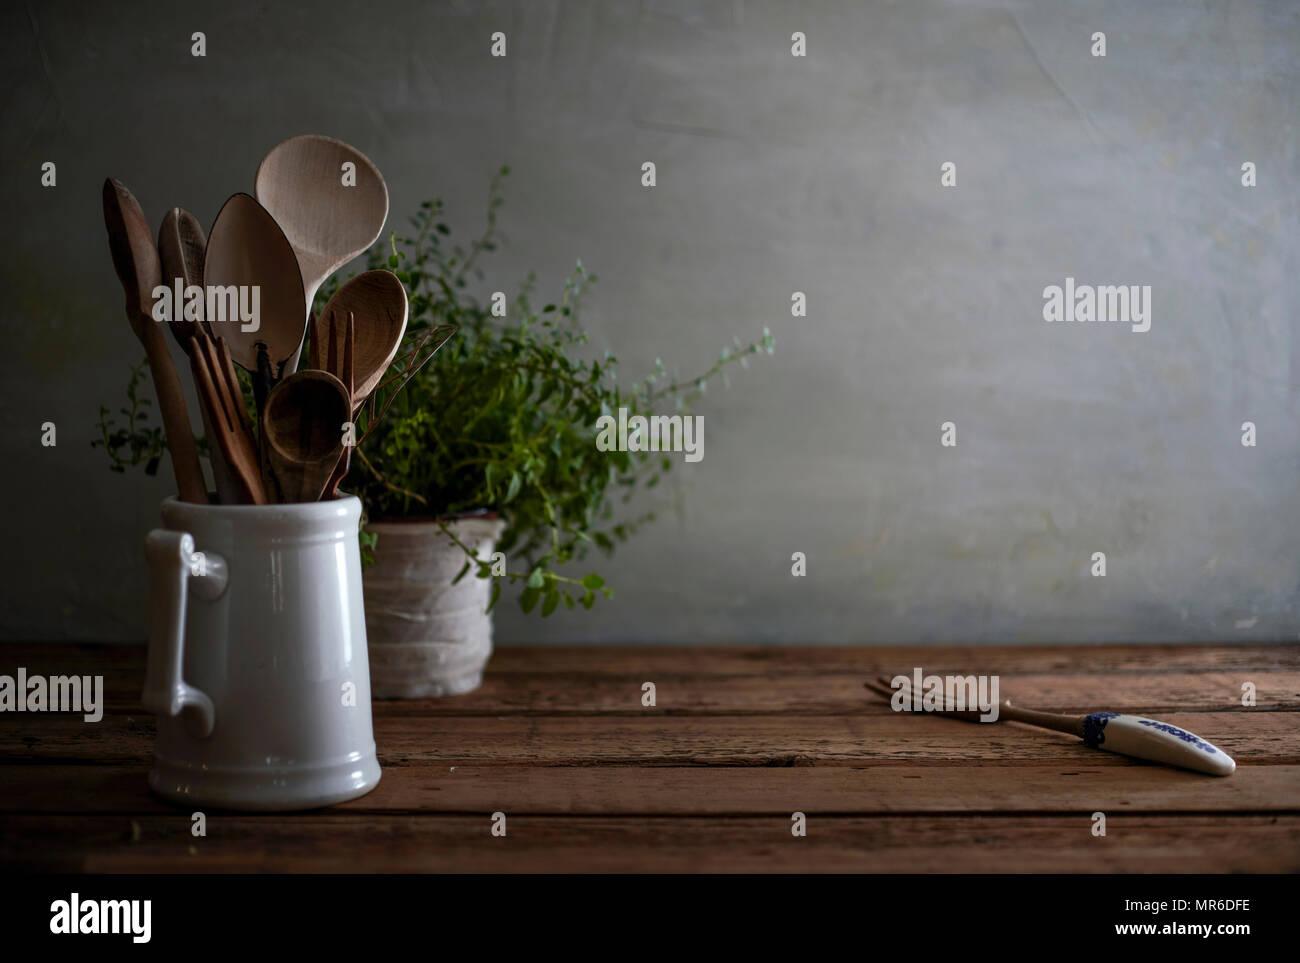 Ancora un immagine di vita di un ambiente rustico in legno, cucina con cucchiai di legno in un vaso di porcellana e una graziosa, origano aggrovigliati impianto in background. Immagini Stock